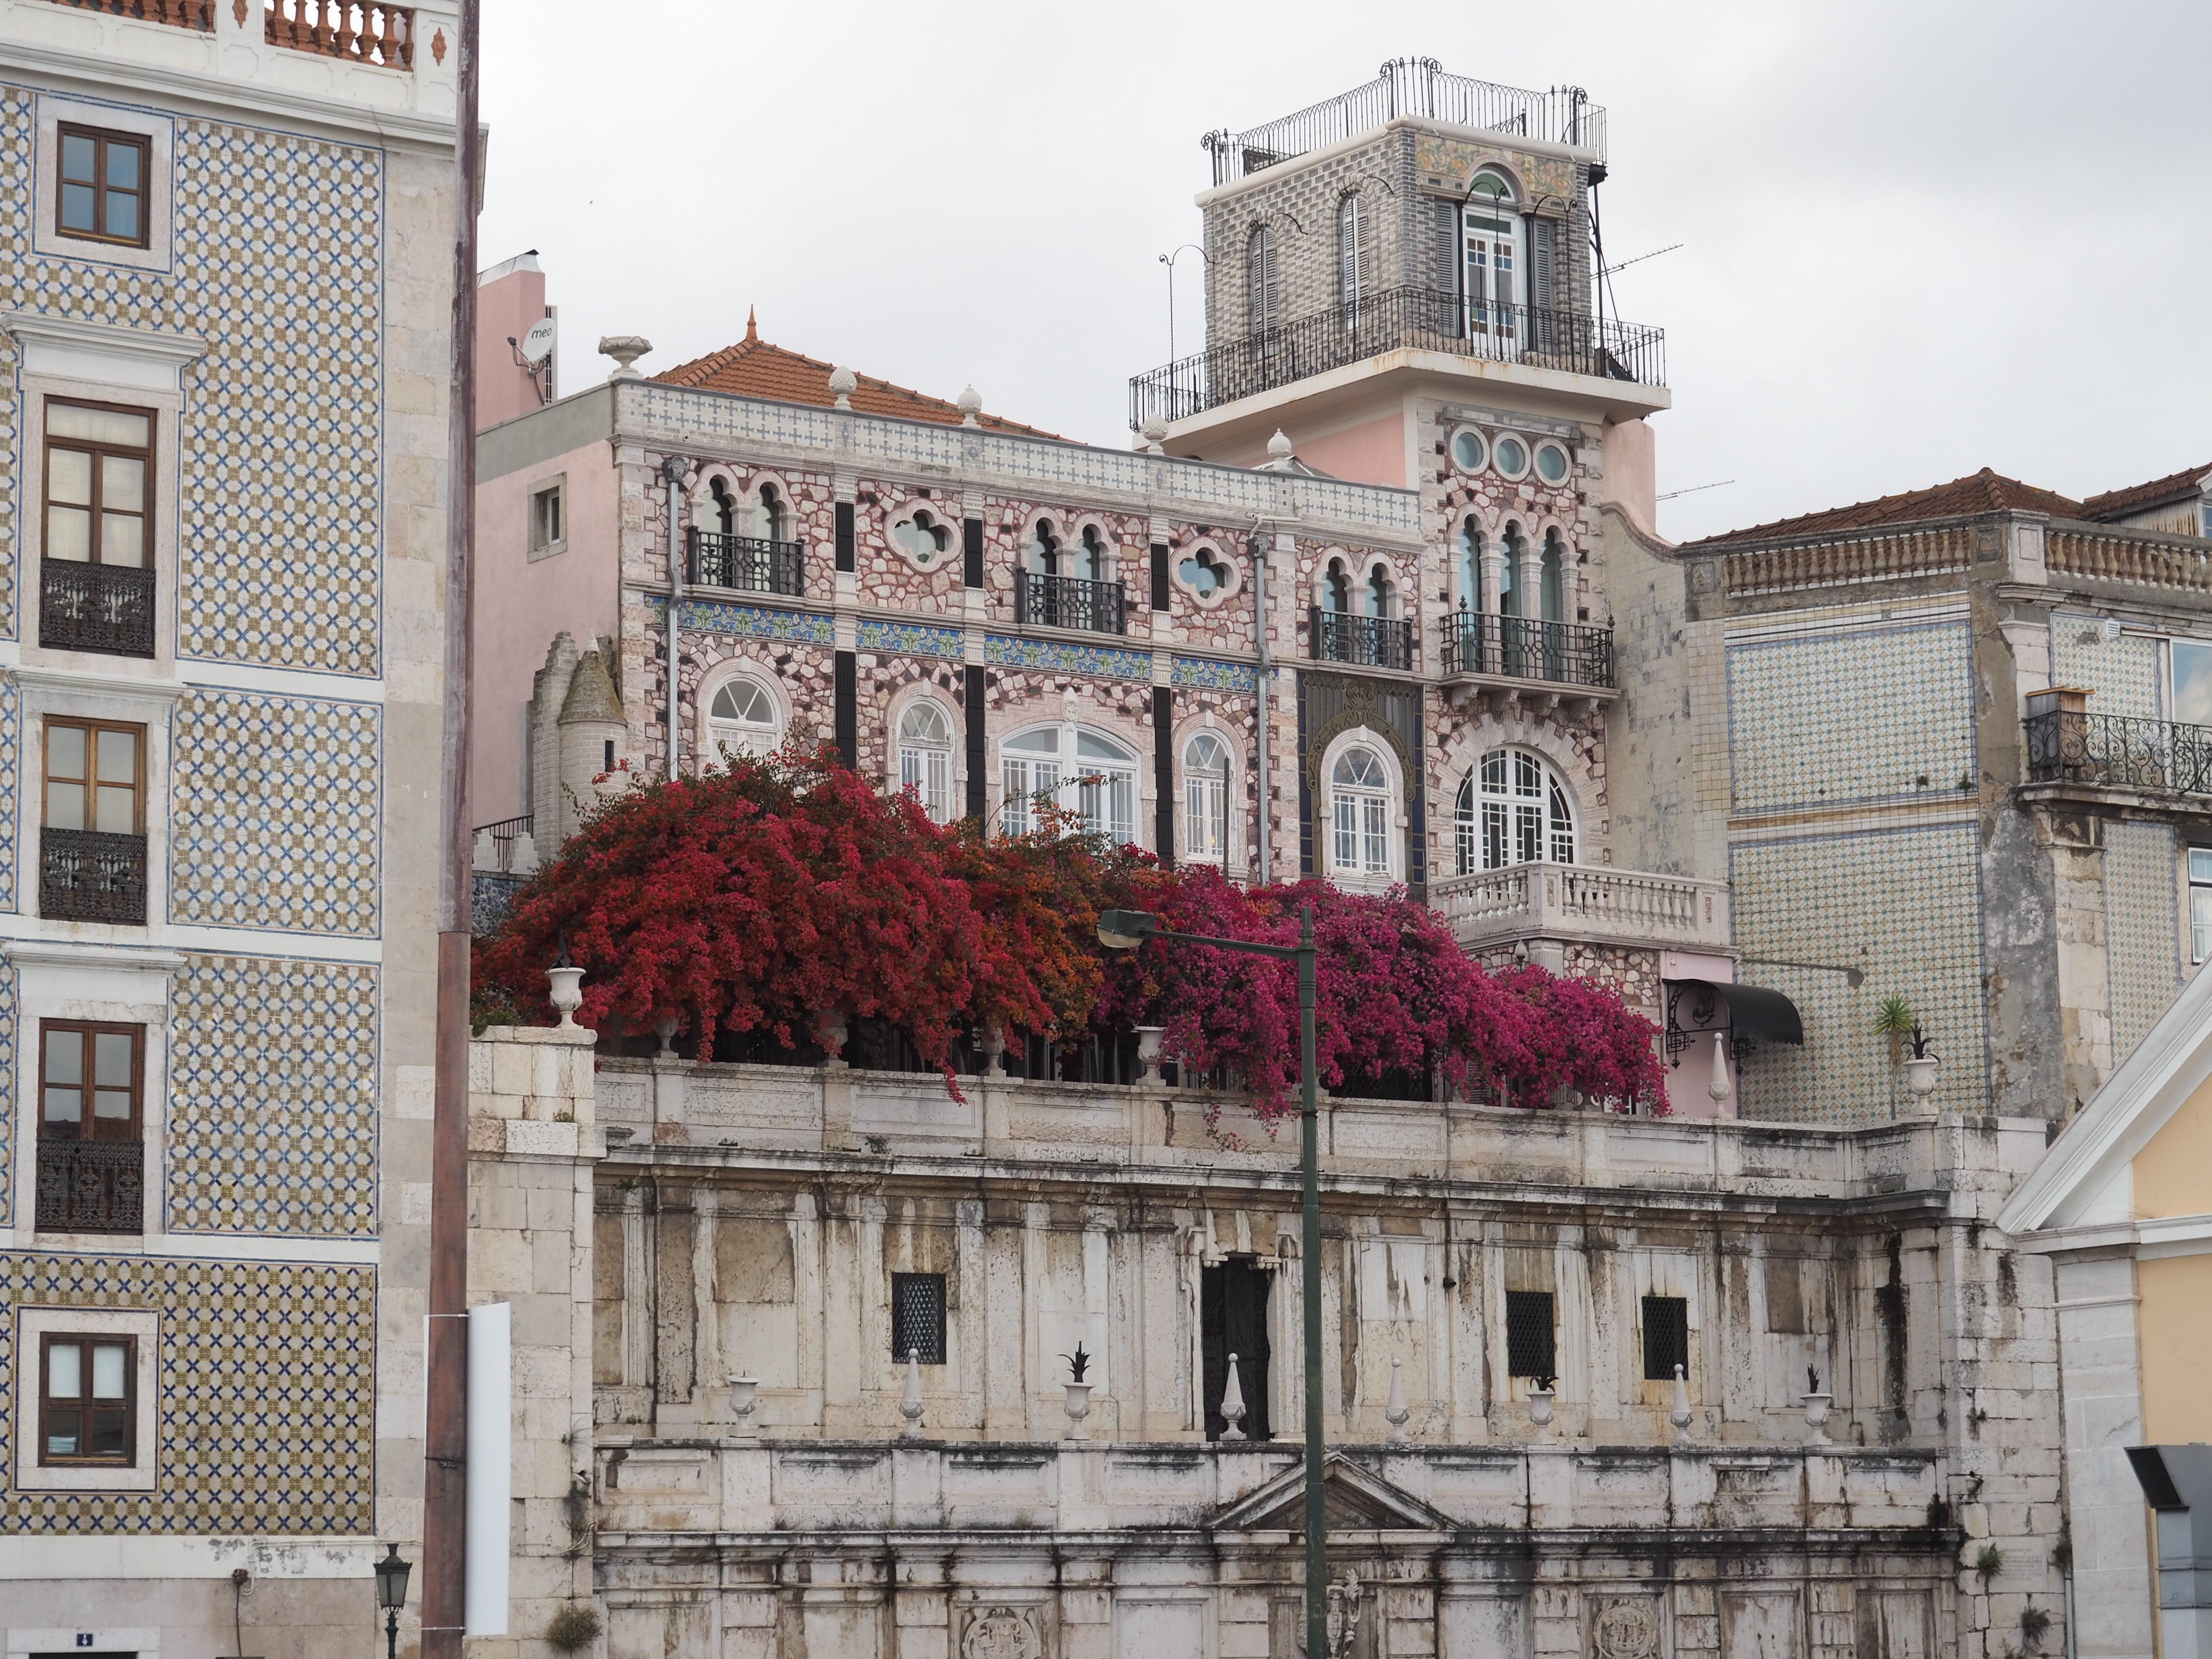 Häuserfassade am Tejo in Lissabon, eine meiner Top 5 Städte in Europa